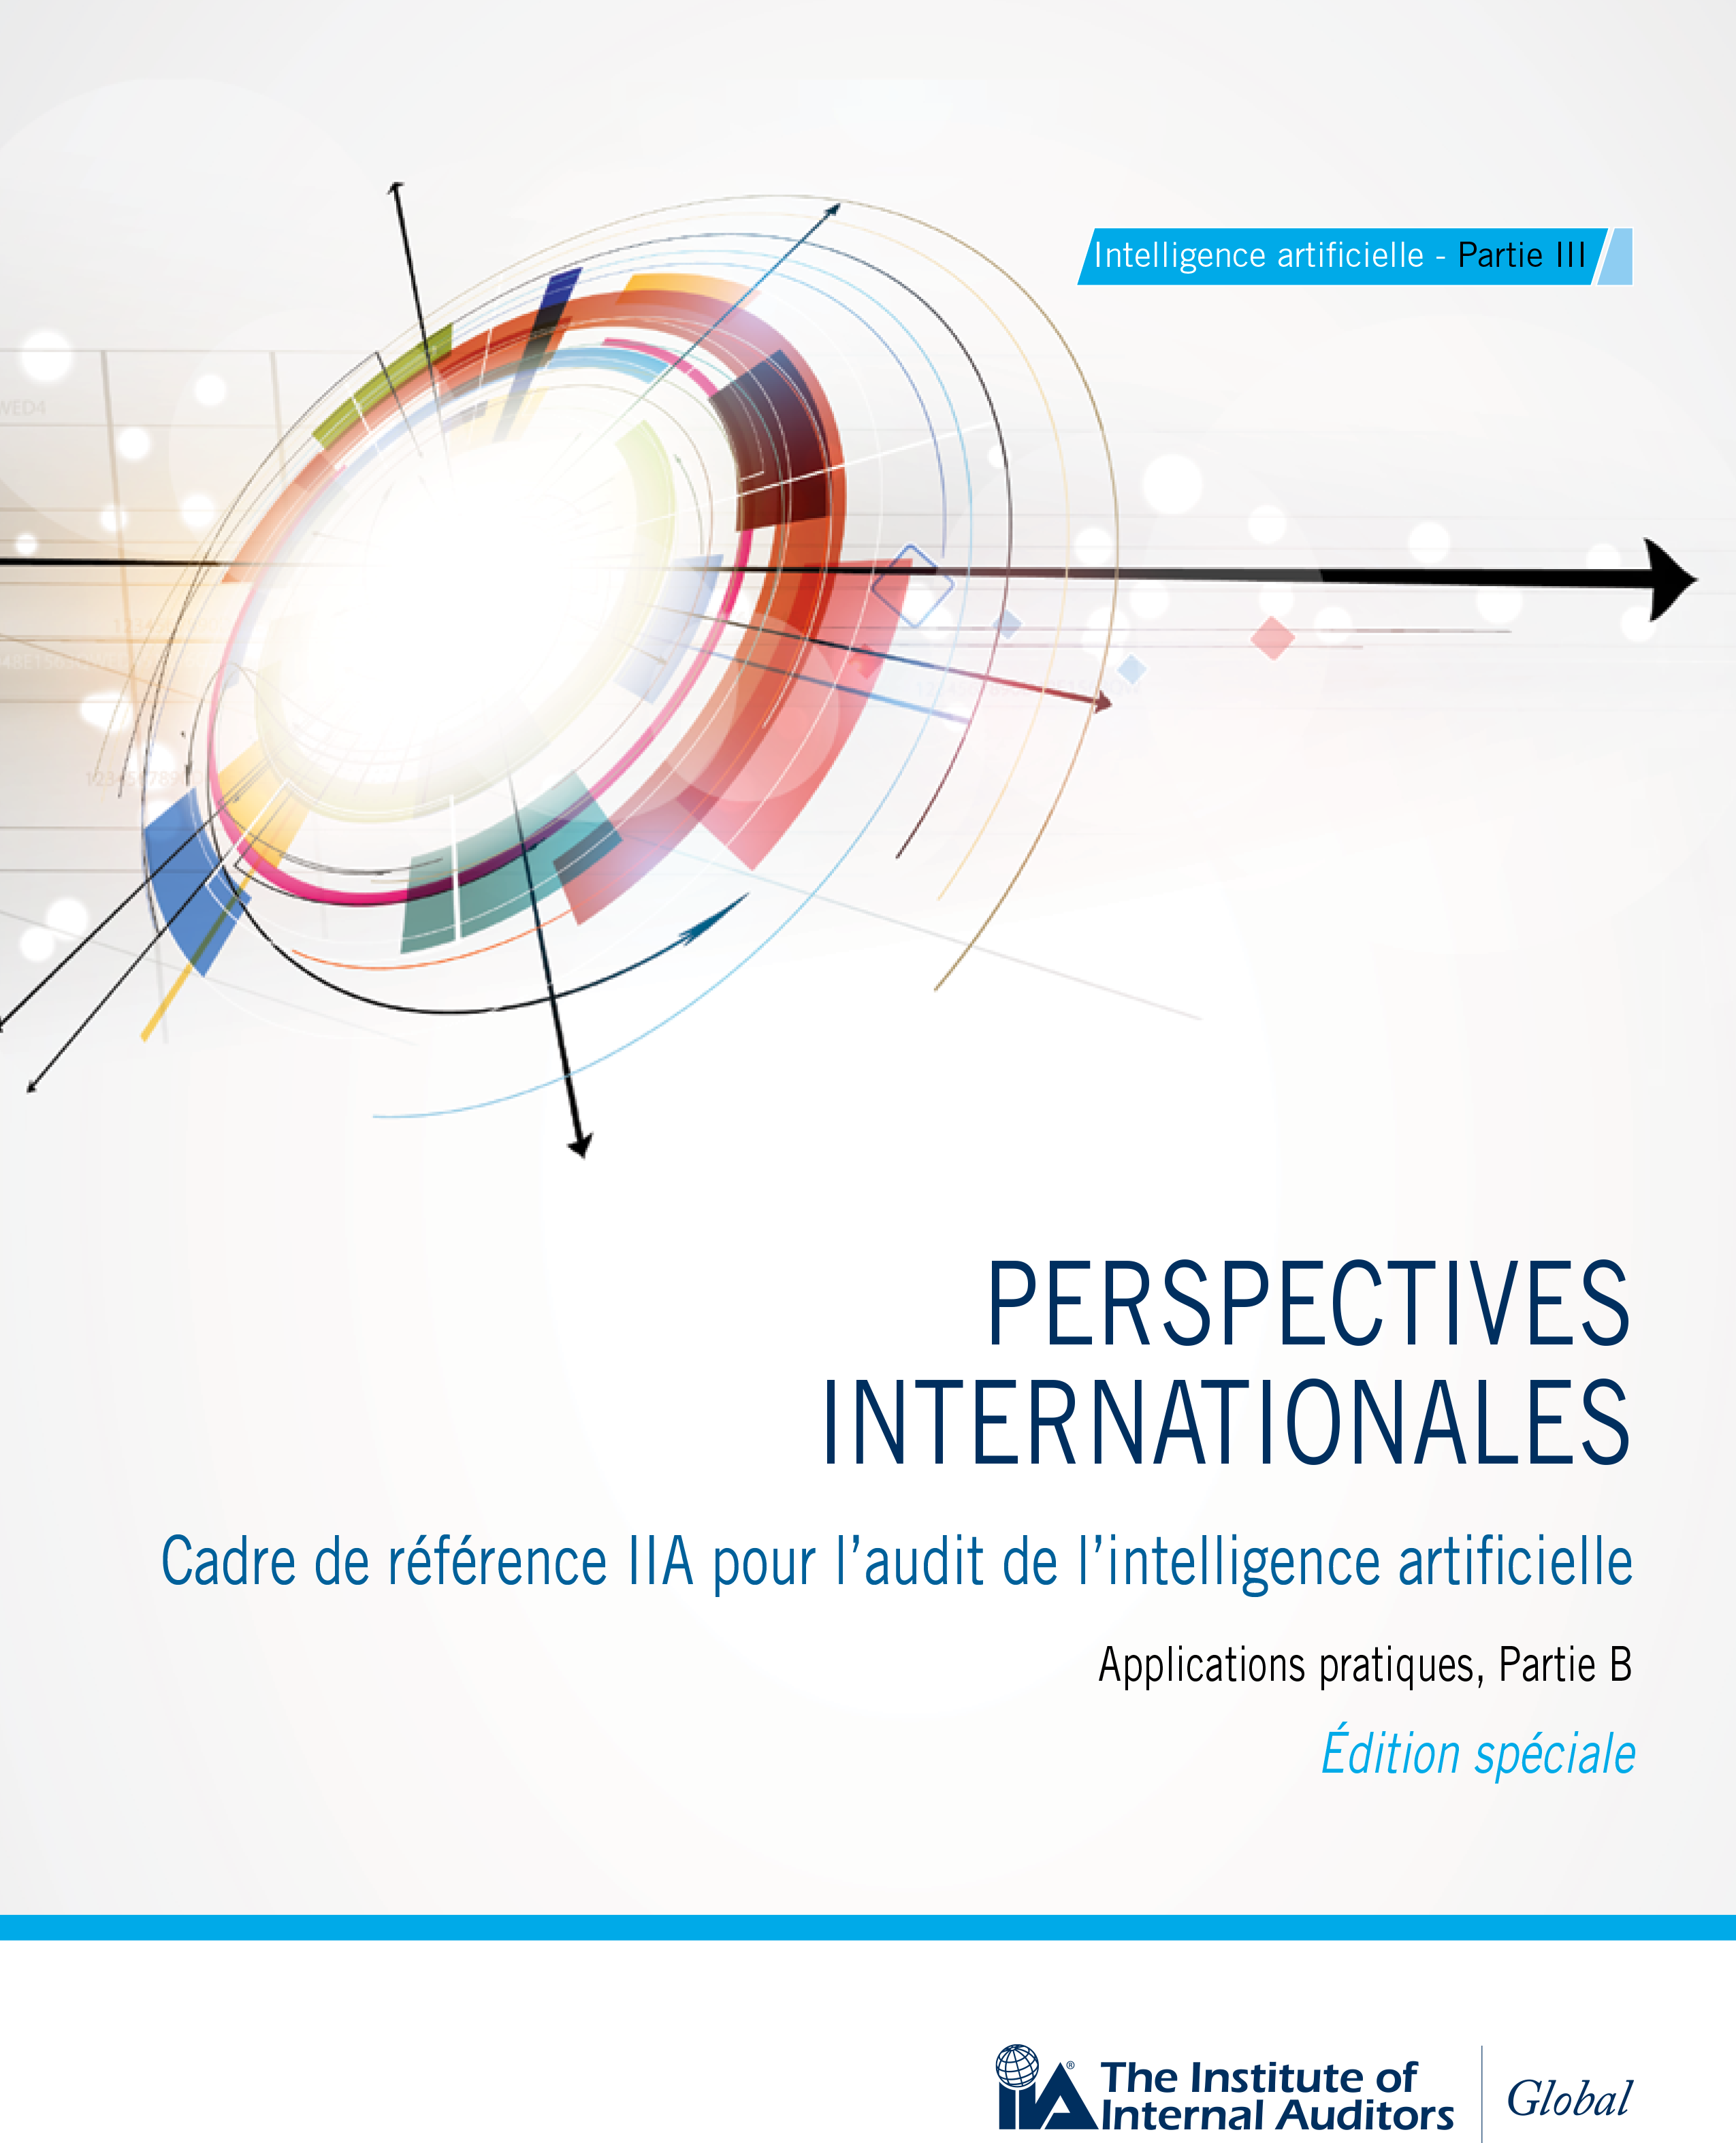 Cadre de référence de l'IIA pour l'audit de l'intelligence artificielle